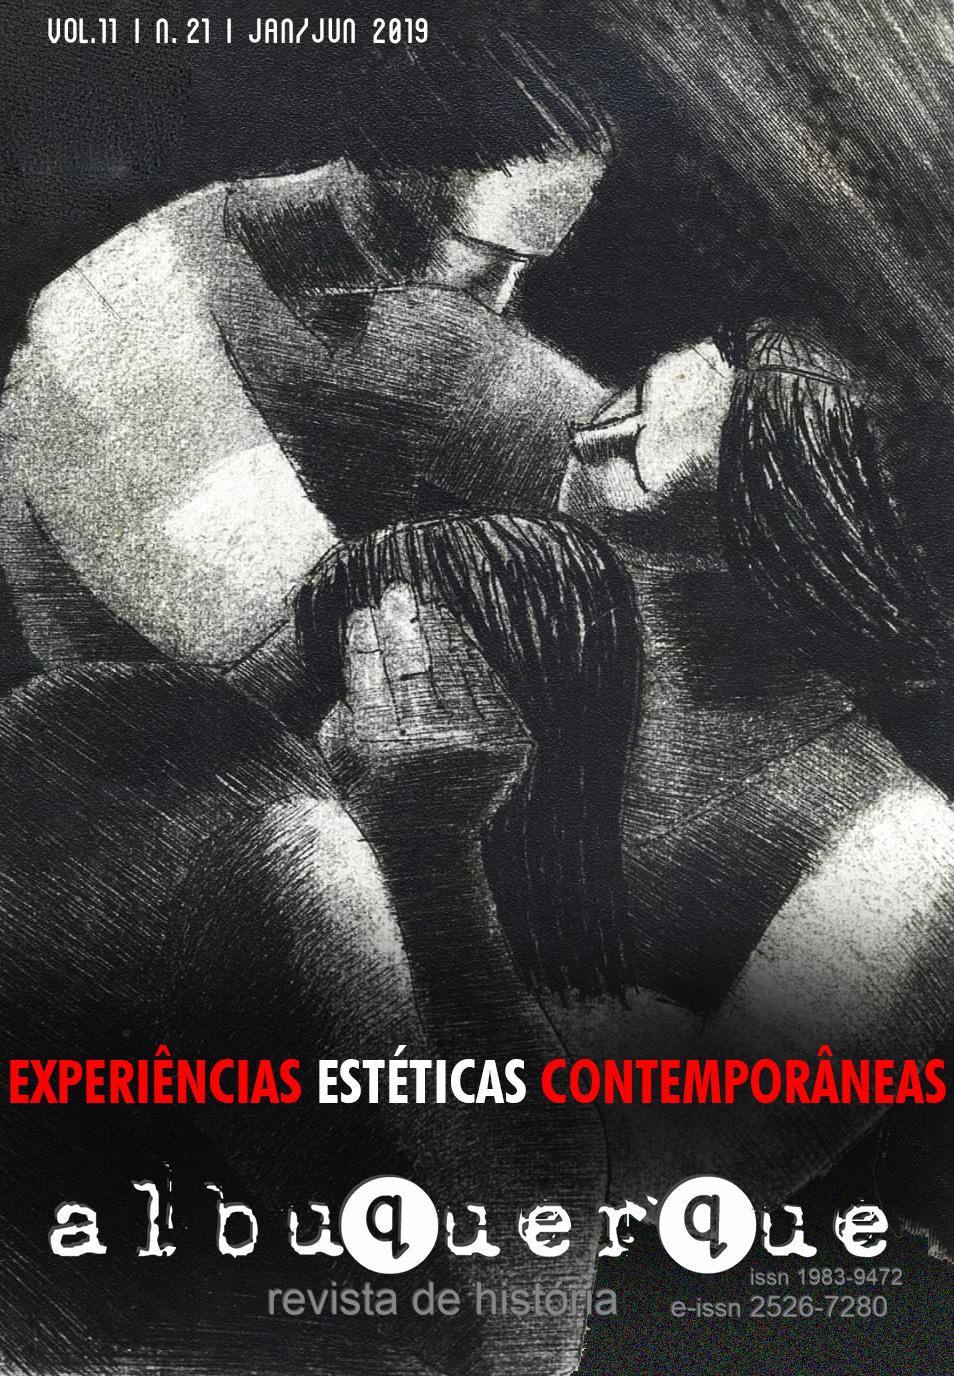 Imagem de Carlos Eduardo Jordão Machado, autorizada por Fernanda Murad Machado.  Concepção de Capa Roger Luiz Pereira da Silva